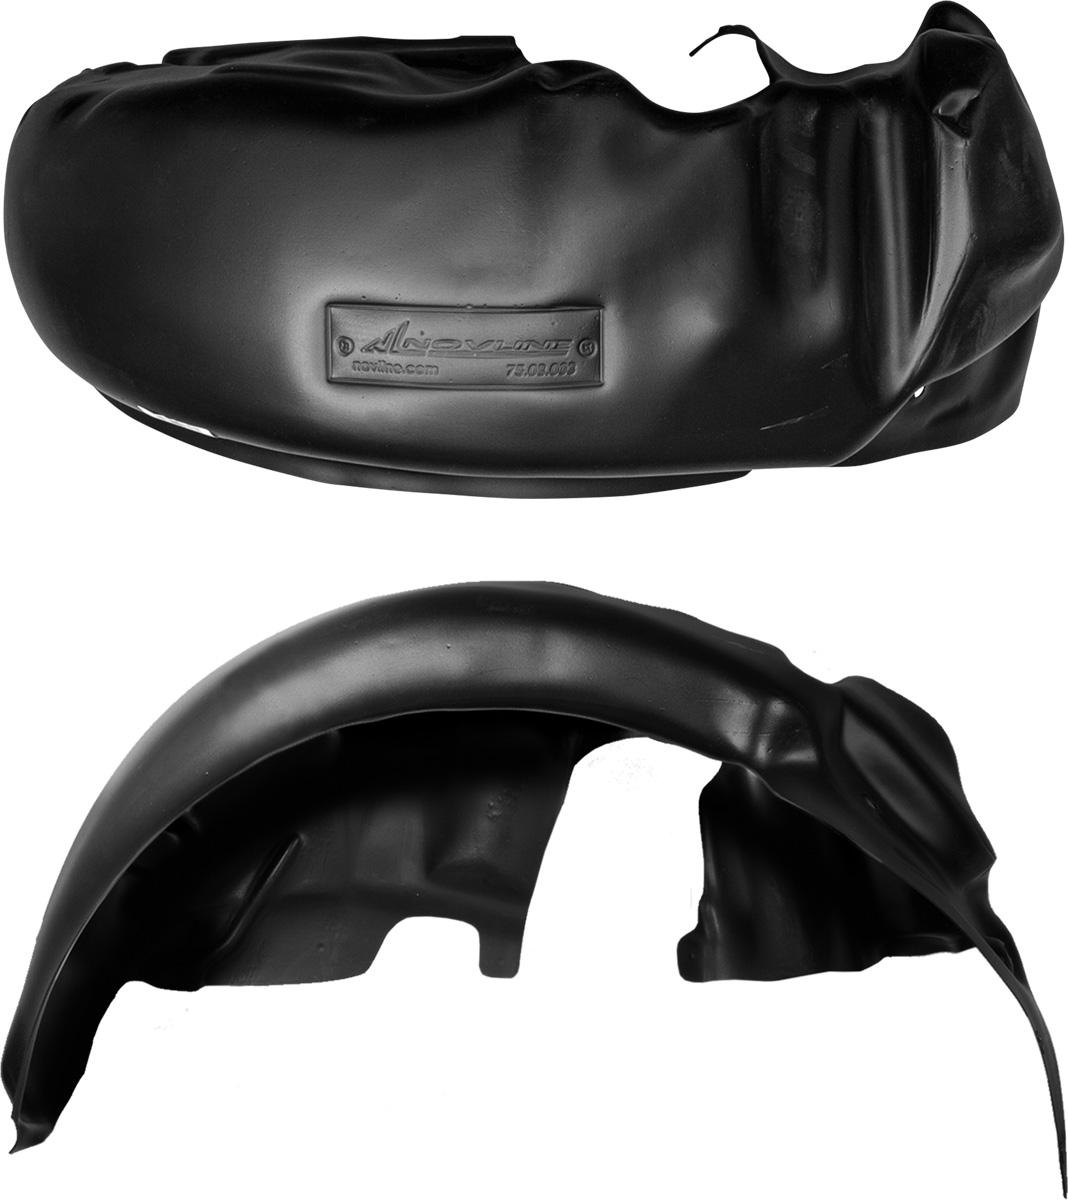 Подкрылок FIAT Ducato, 2012->, передний правыйNLL.15.11.002Колесные ниши – одни из самых уязвимых зон днища вашего автомобиля. Они постоянно подвергаются воздействию со стороны дороги. Лучшая, почти абсолютная защита для них - специально отформованные пластиковые кожухи, которые называются подкрылками, или локерами. Производятся они как для отечественных моделей автомобилей, так и для иномарок. Подкрылки выполнены из высококачественного, экологически чистого пластика. Обеспечивают надежную защиту кузова автомобиля от пескоструйного эффекта и негативного влияния, агрессивных антигололедных реагентов. Пластик обладает более низкой теплопроводностью, чем металл, поэтому в зимний период эксплуатации использование пластиковых подкрылков позволяет лучше защитить колесные ниши от налипания снега и образования наледи. Оригинальность конструкции подчеркивает элегантность автомобиля, бережно защищает нанесенное на днище кузова антикоррозийное покрытие и позволяет осуществить крепление подкрылков внутри колесной арки практически без дополнительного...